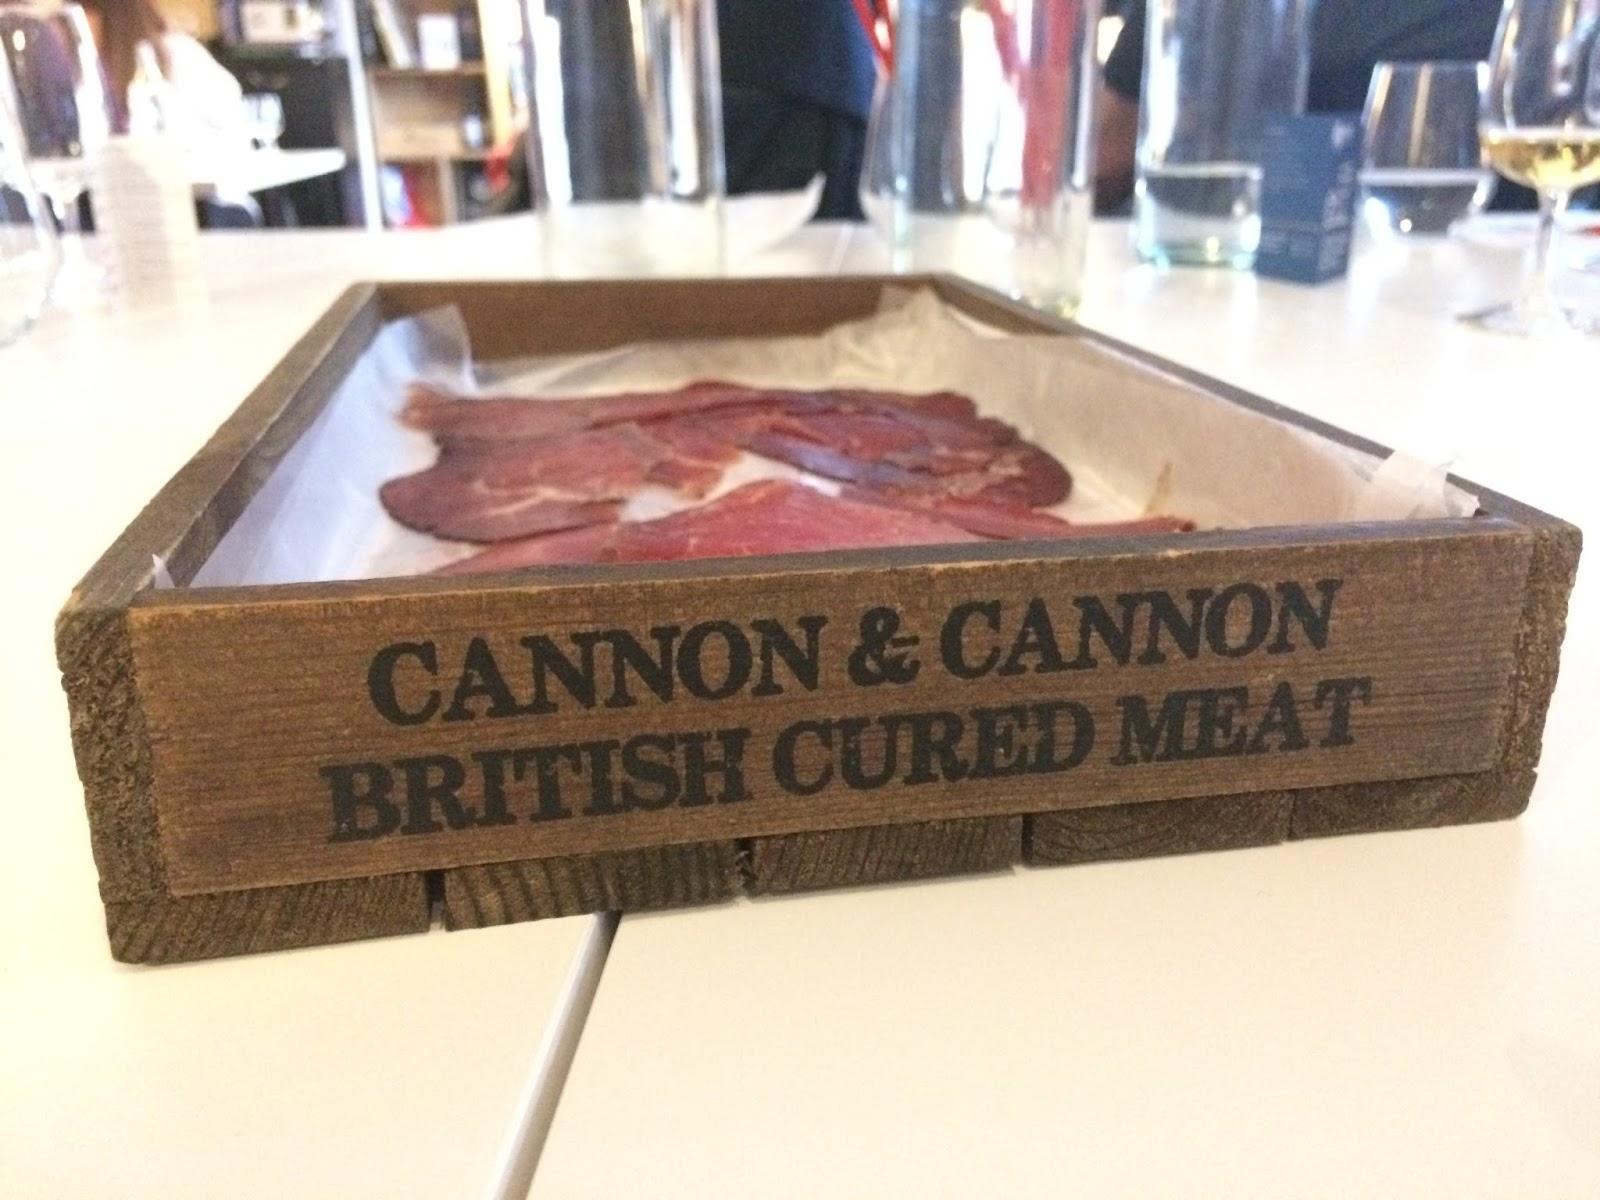 Cannon & Cannon charcuterie platter